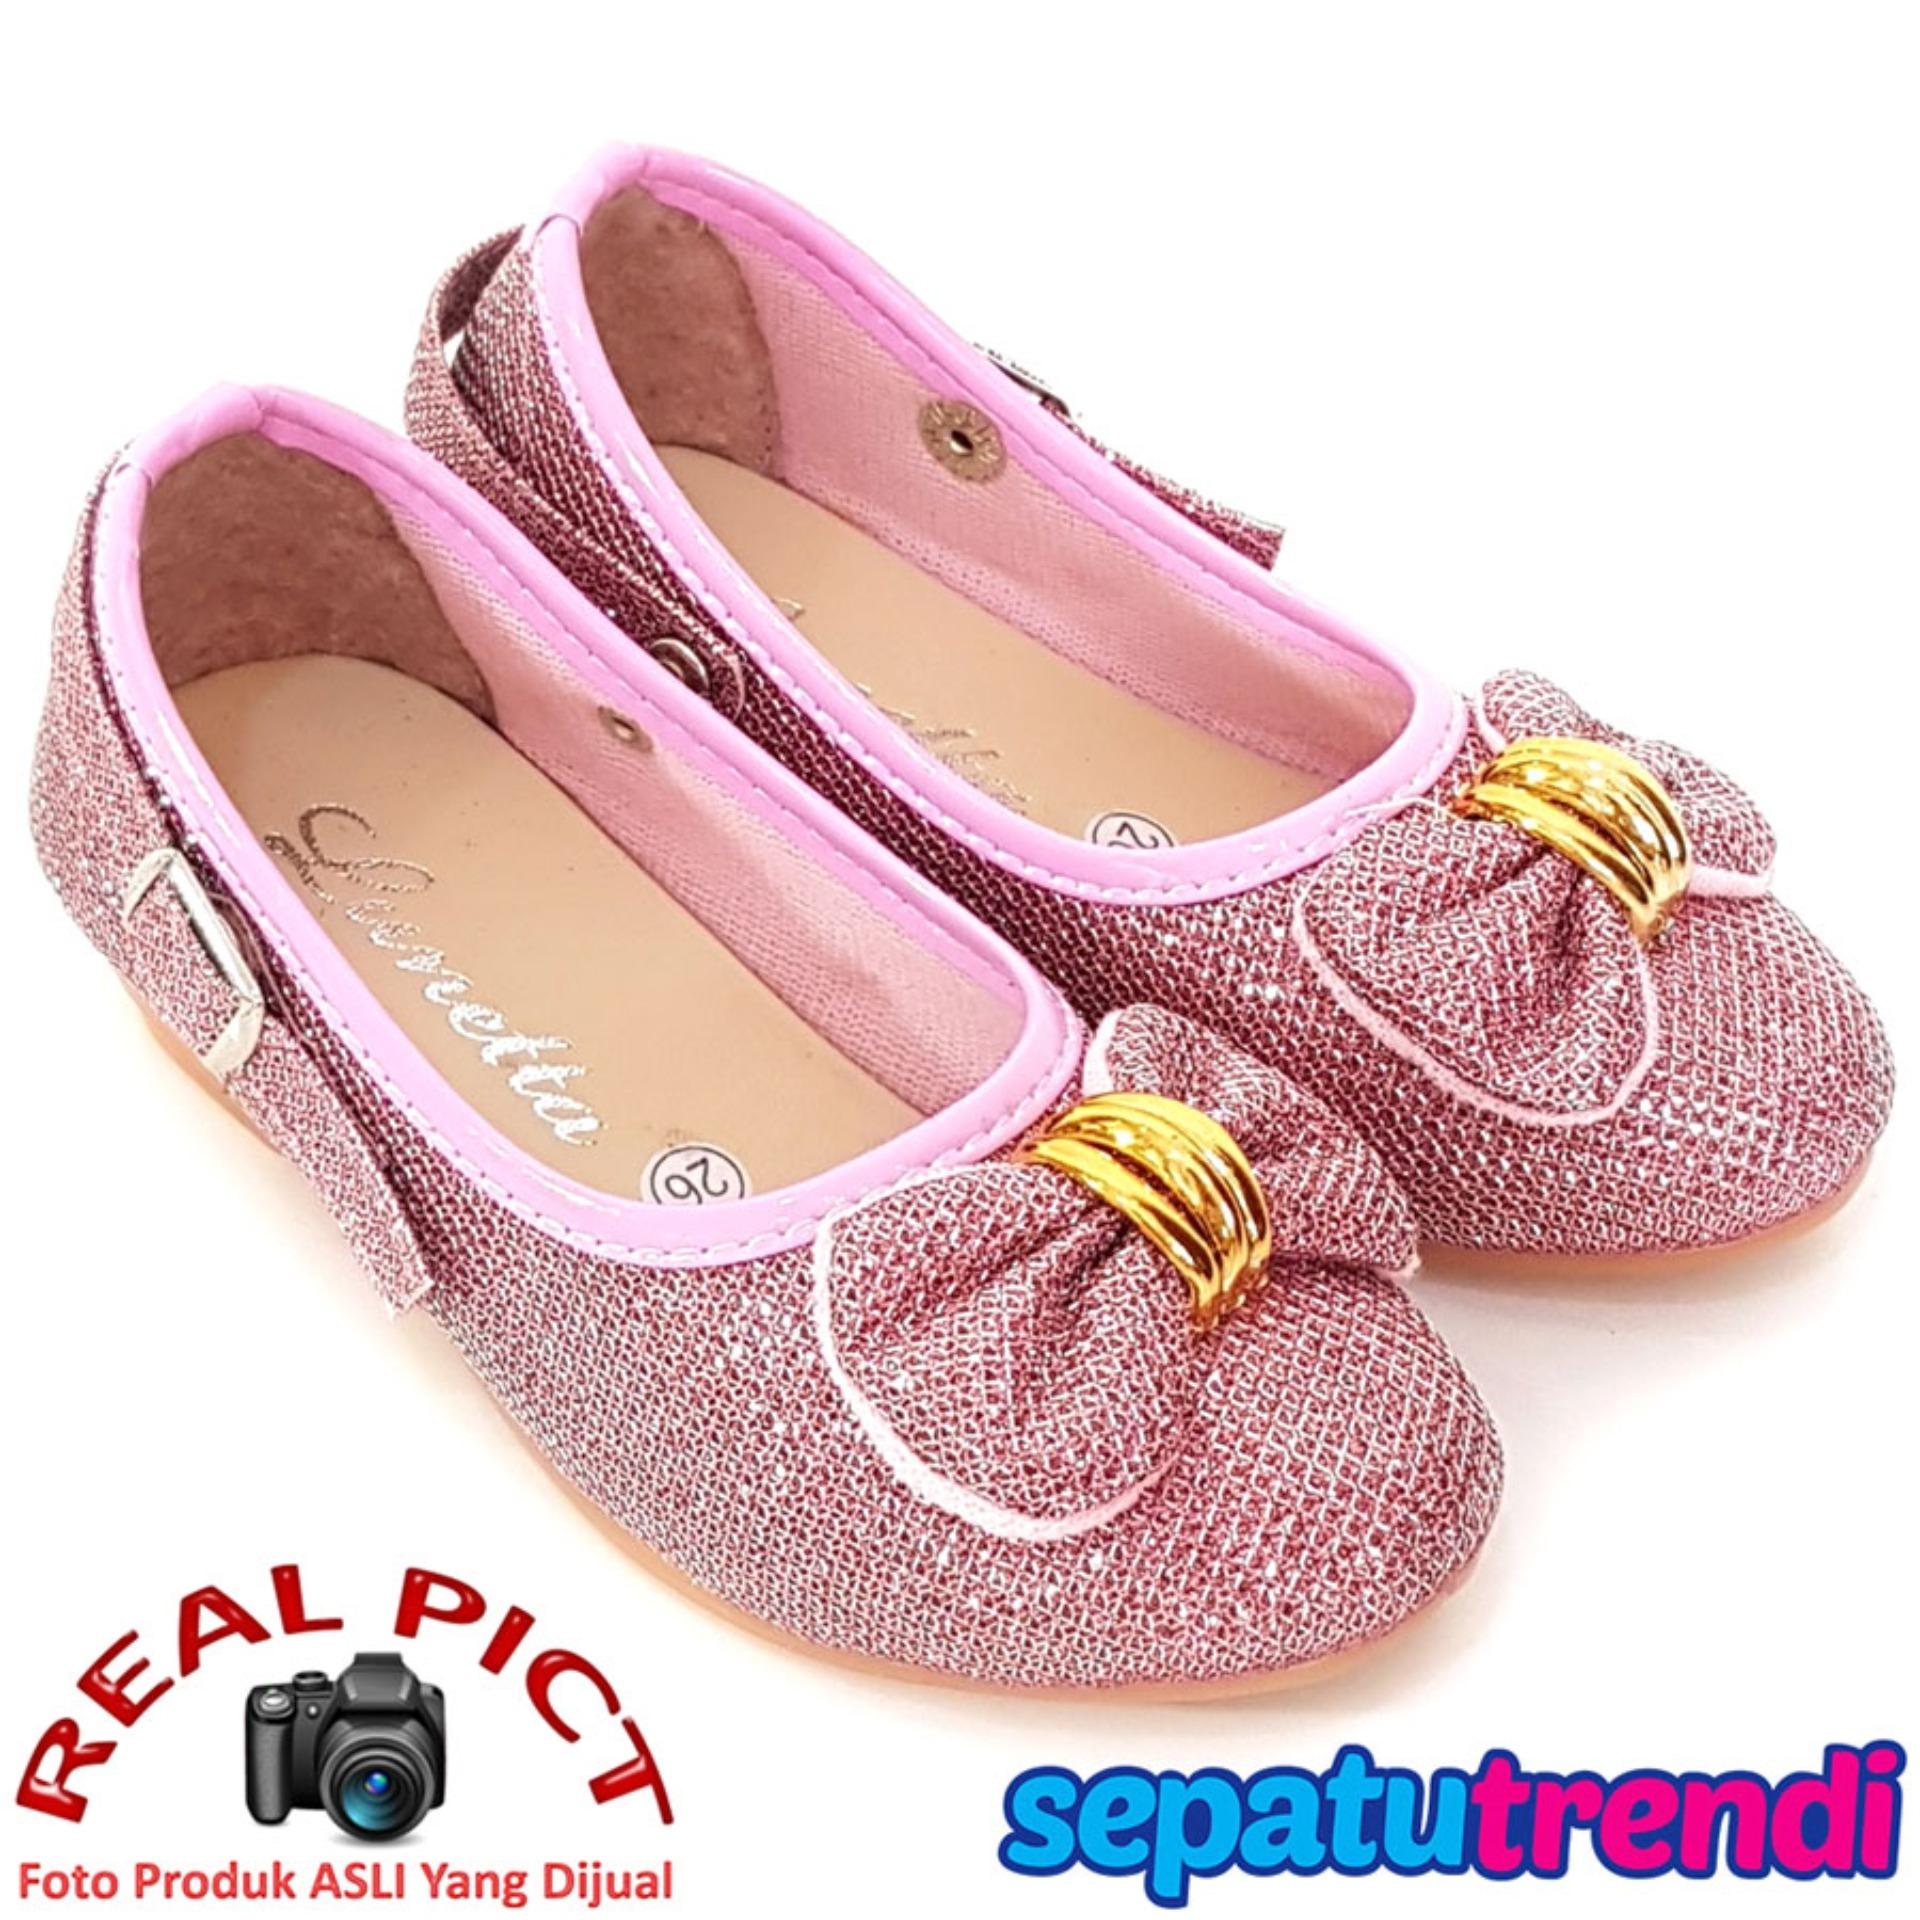 Toko Trendishoes Sepatu Anak Perempuan Glitter Pita Depan Apptdpn Pink Jawa Barat